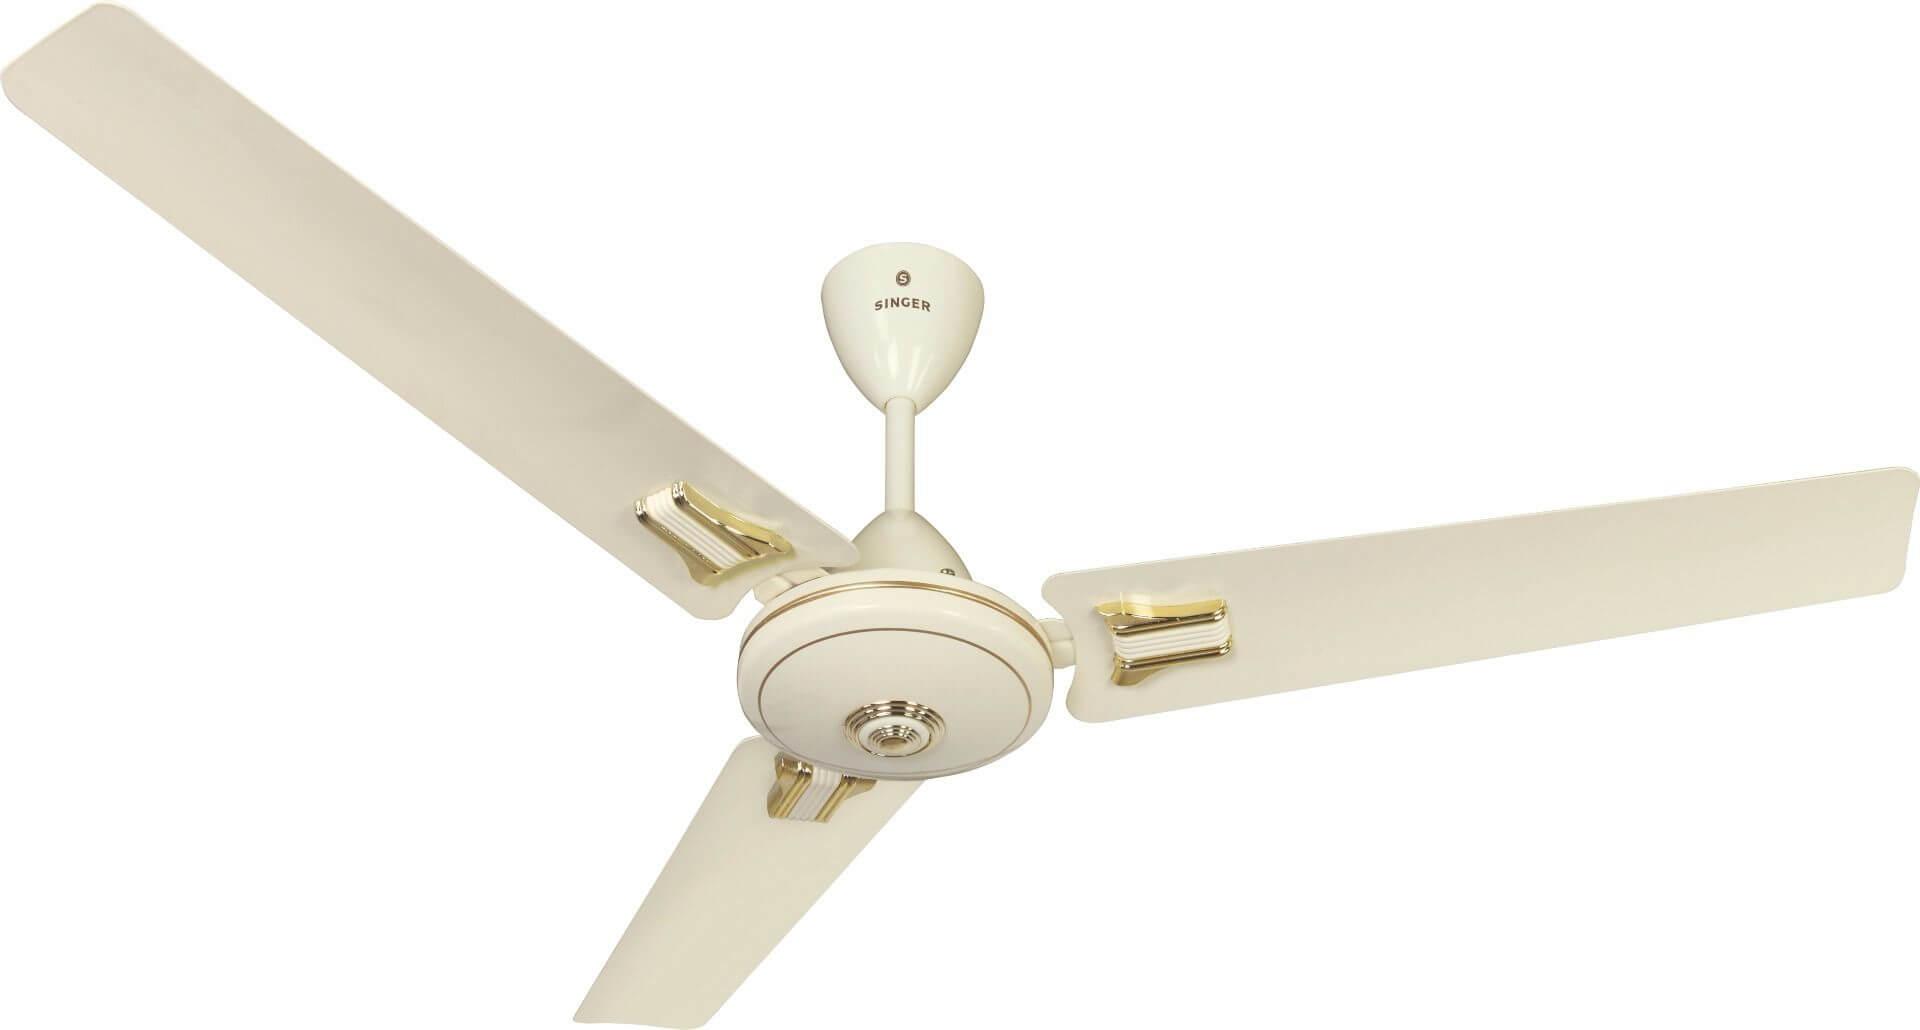 Singer Aerostar Premium Ceiling Fan Ivory